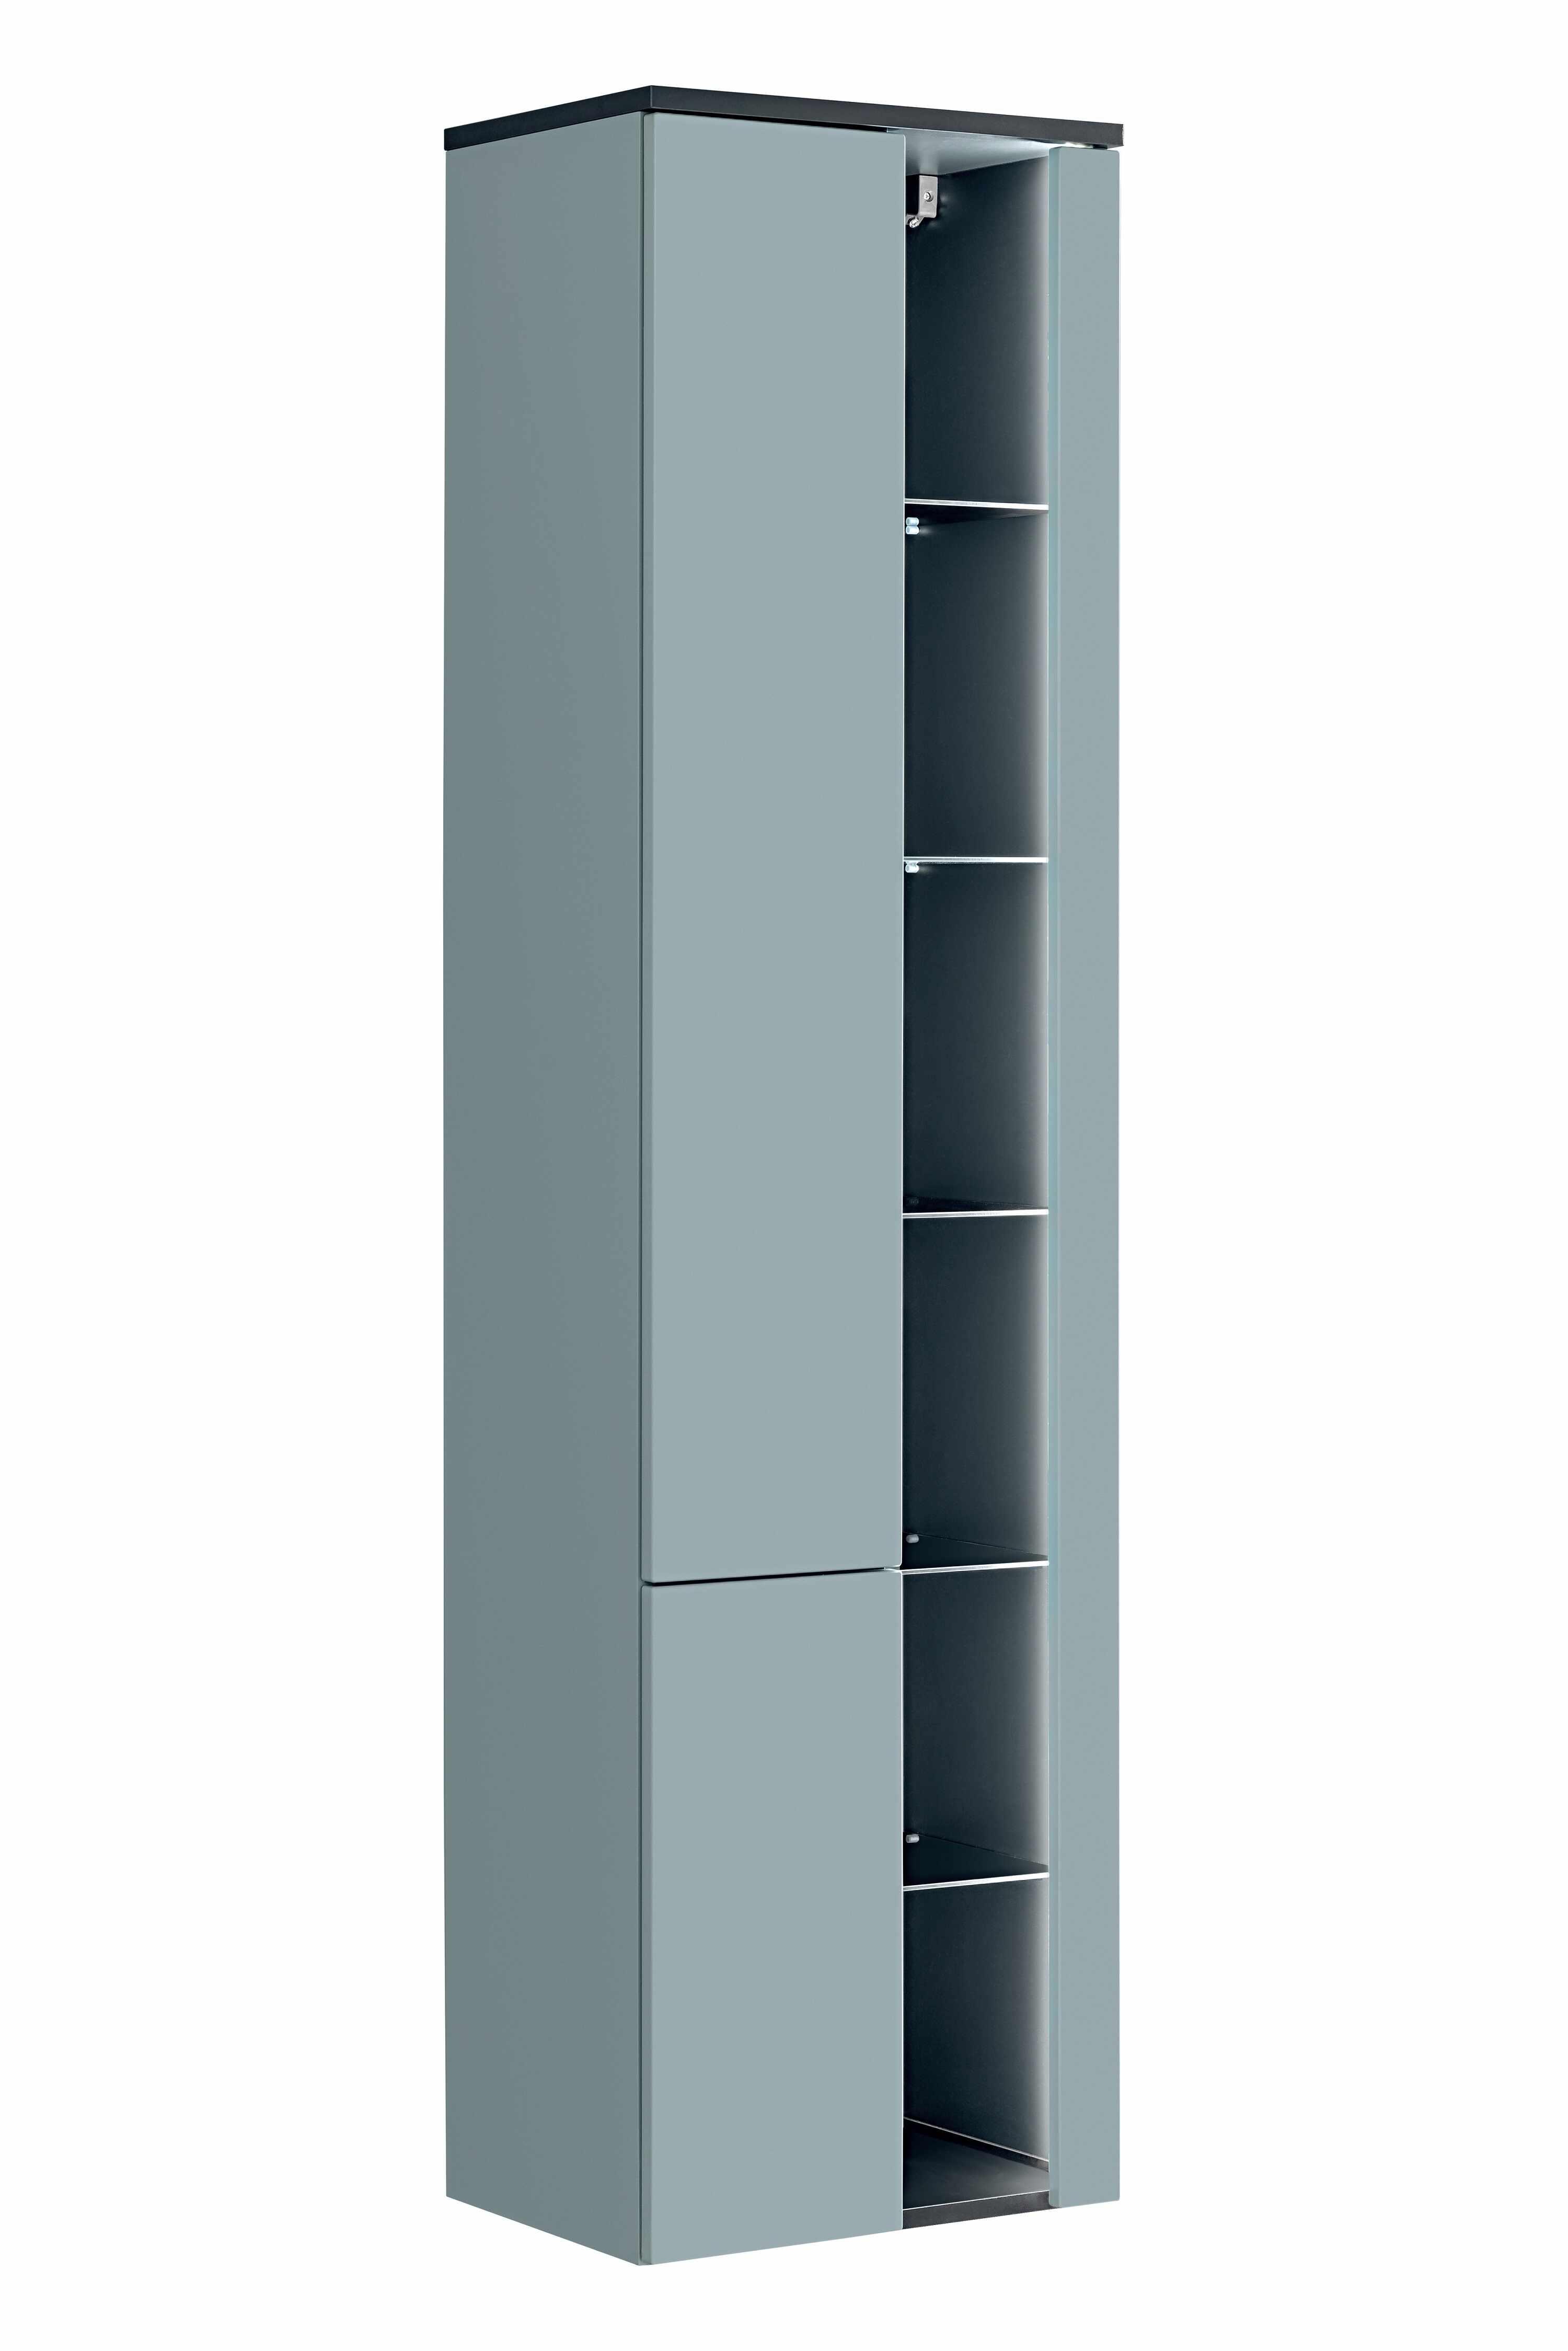 Dulap baie inalt cu rafturi si 2 usi, Bahama Mint, l45xA33xH170 cm la pret 1465 lei